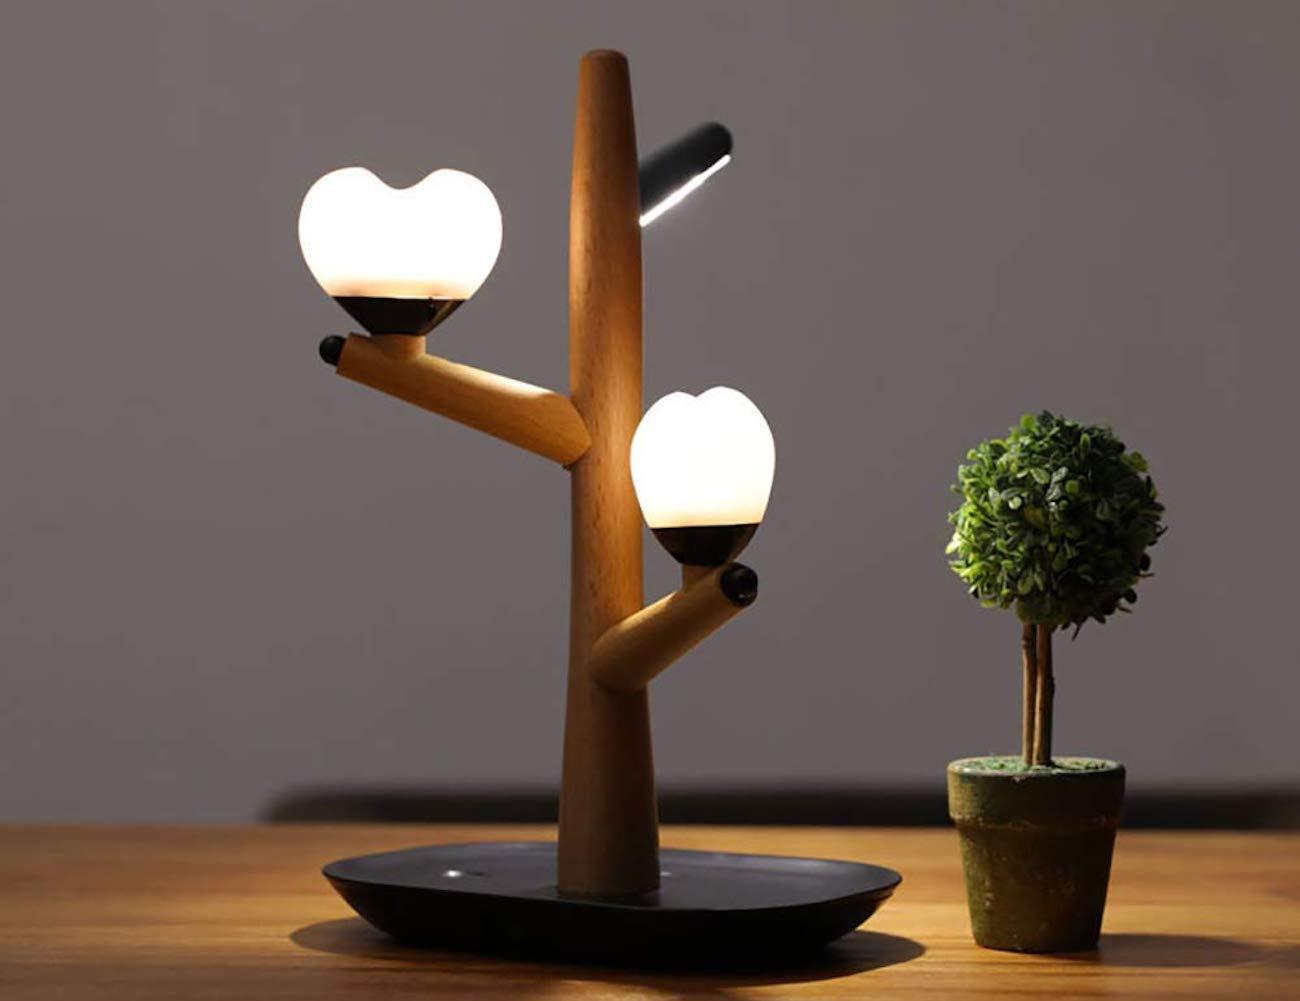 YTBLF Intelligent LED Sensor Light Heart Tree